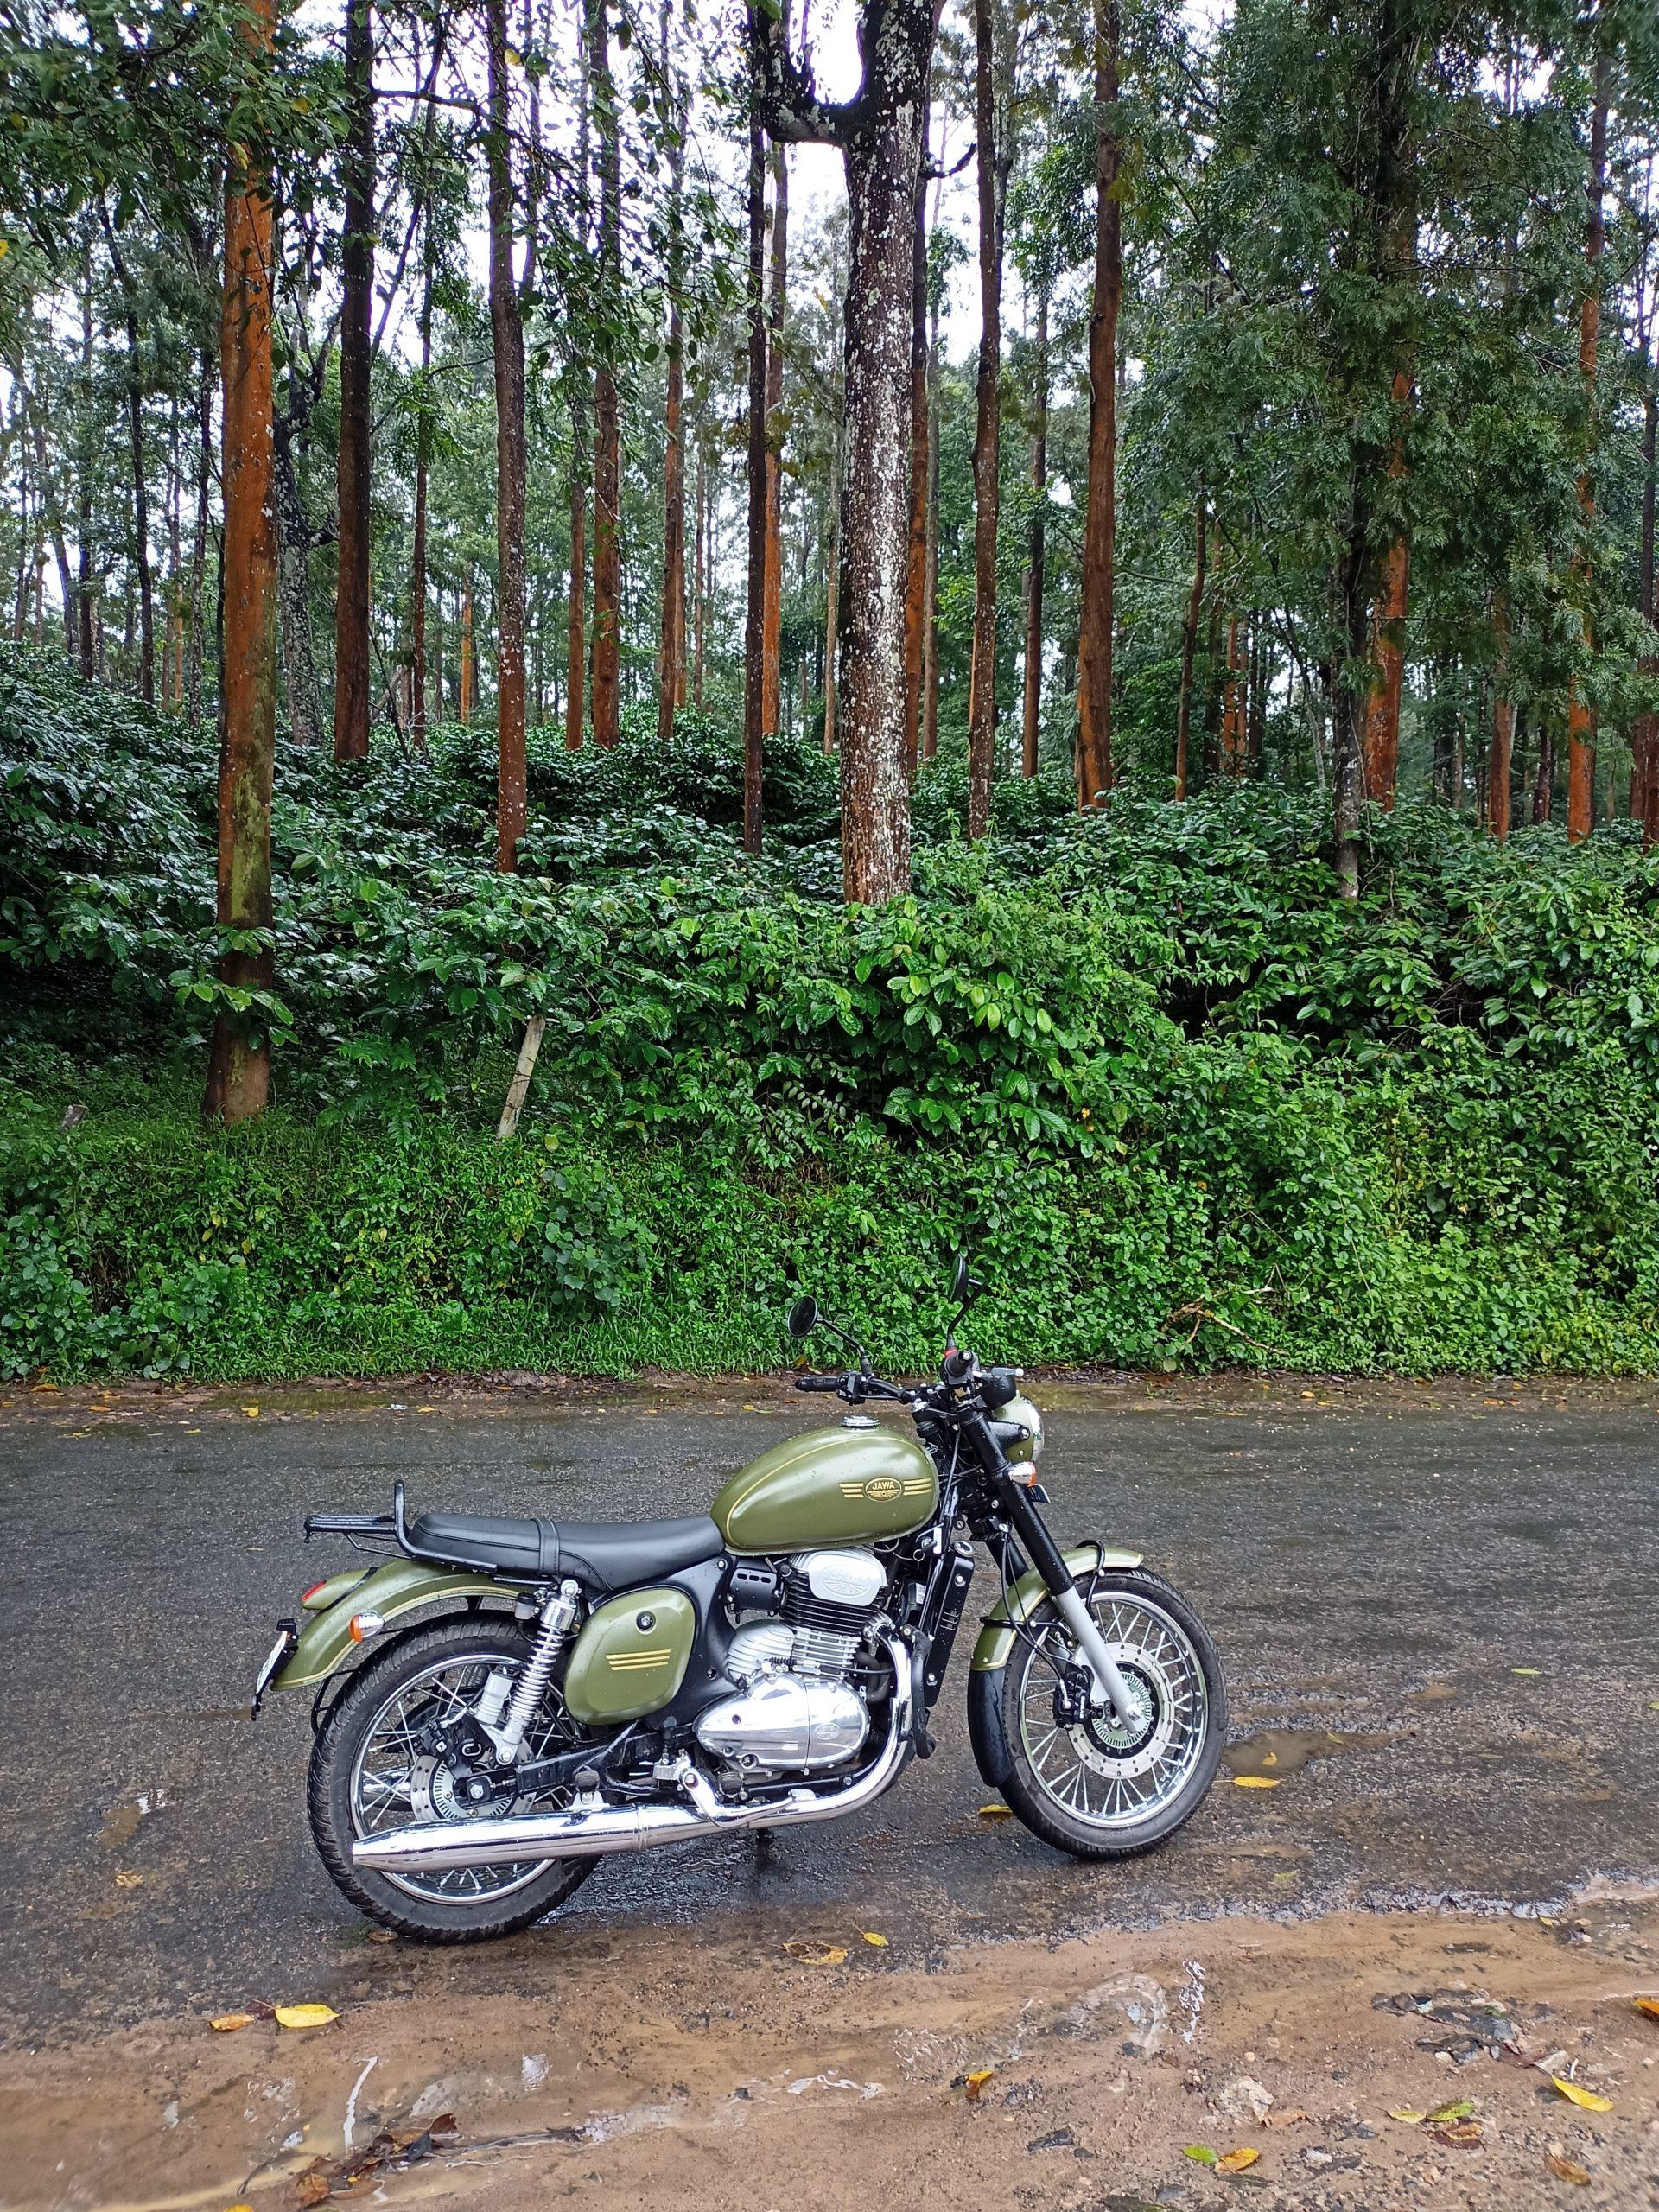 A motorbike in a jungle